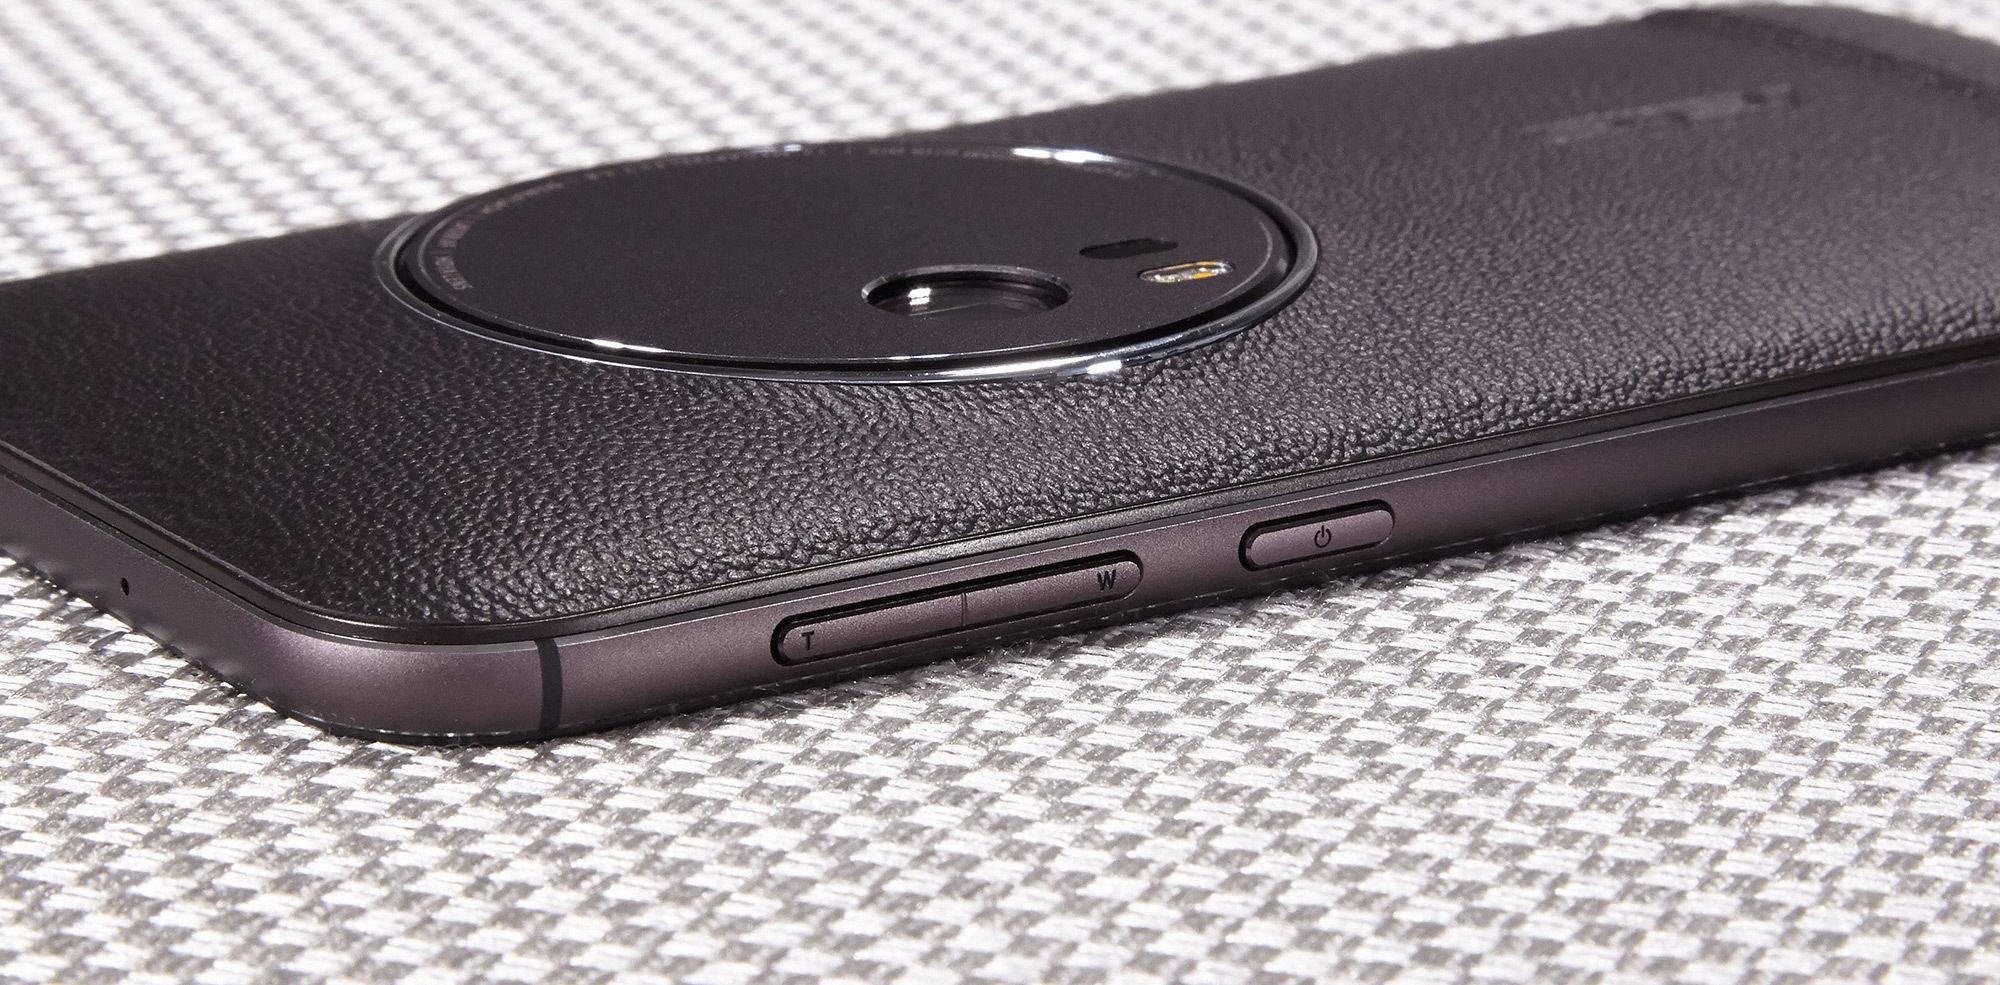 Asus-Zenfone-Zoom-G07-2.jpg